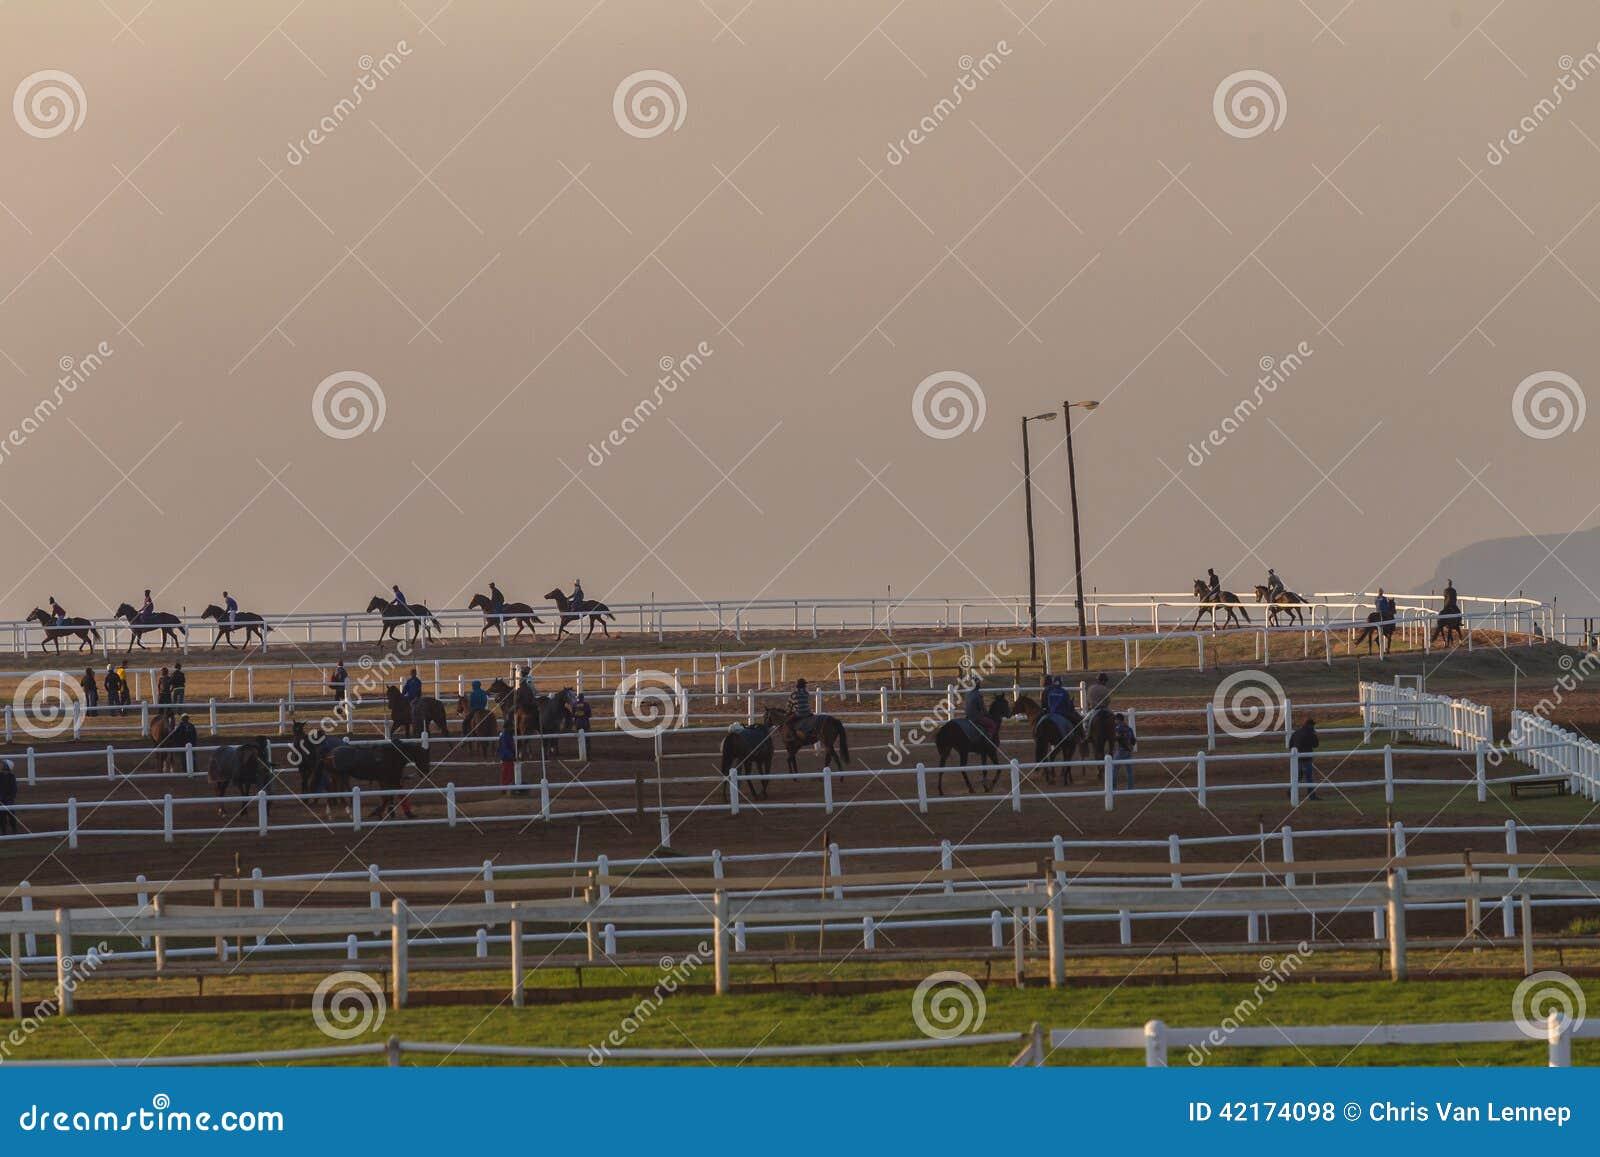 Race Horses Training Dawn